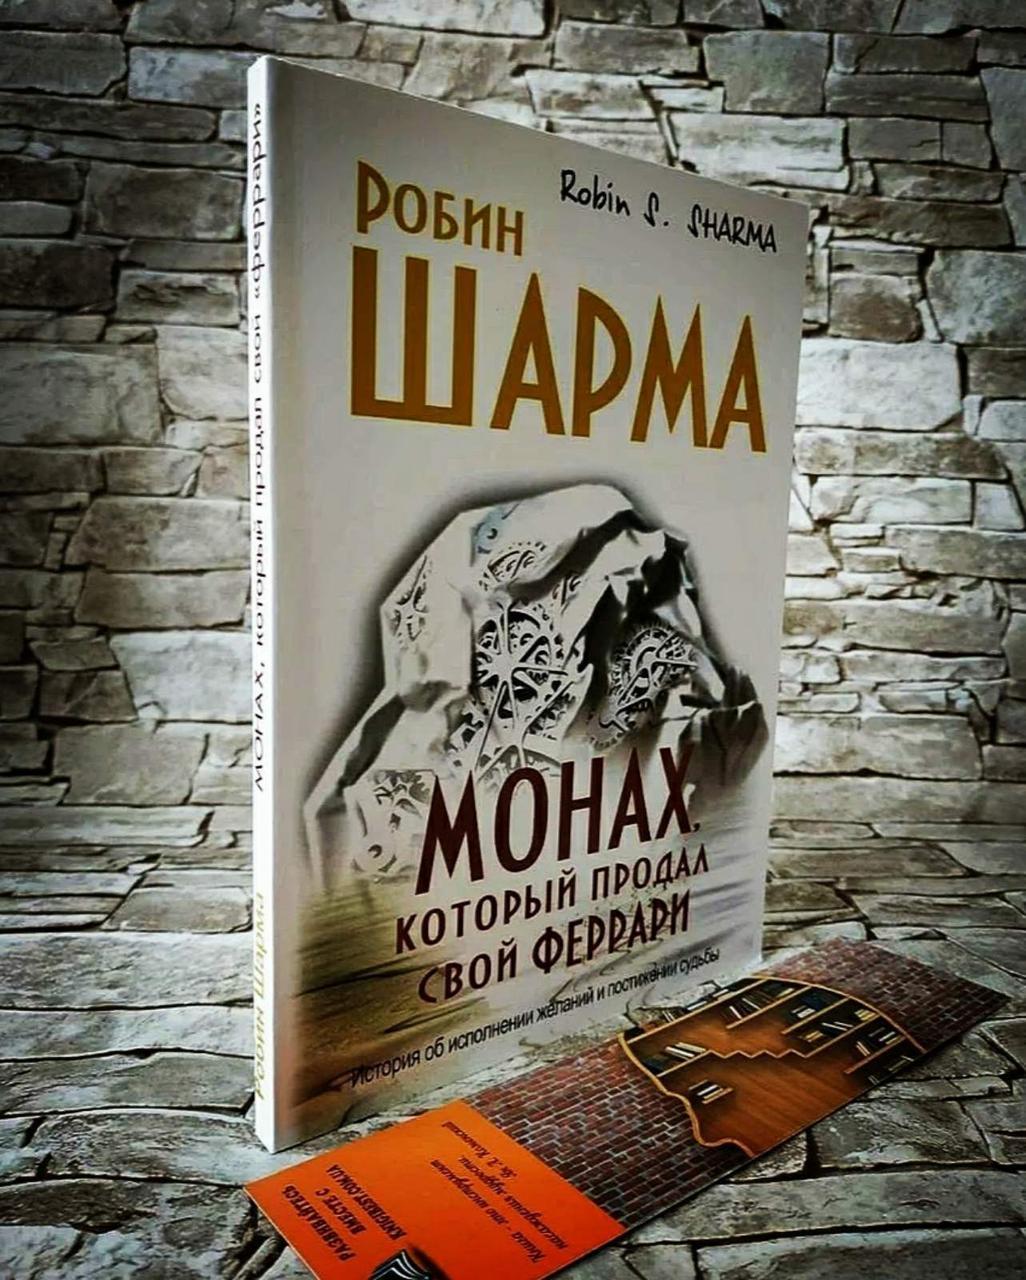 """Книга """"Монах, який продав свій феррарі"""" Робін С. Шарму. Бестселер!"""